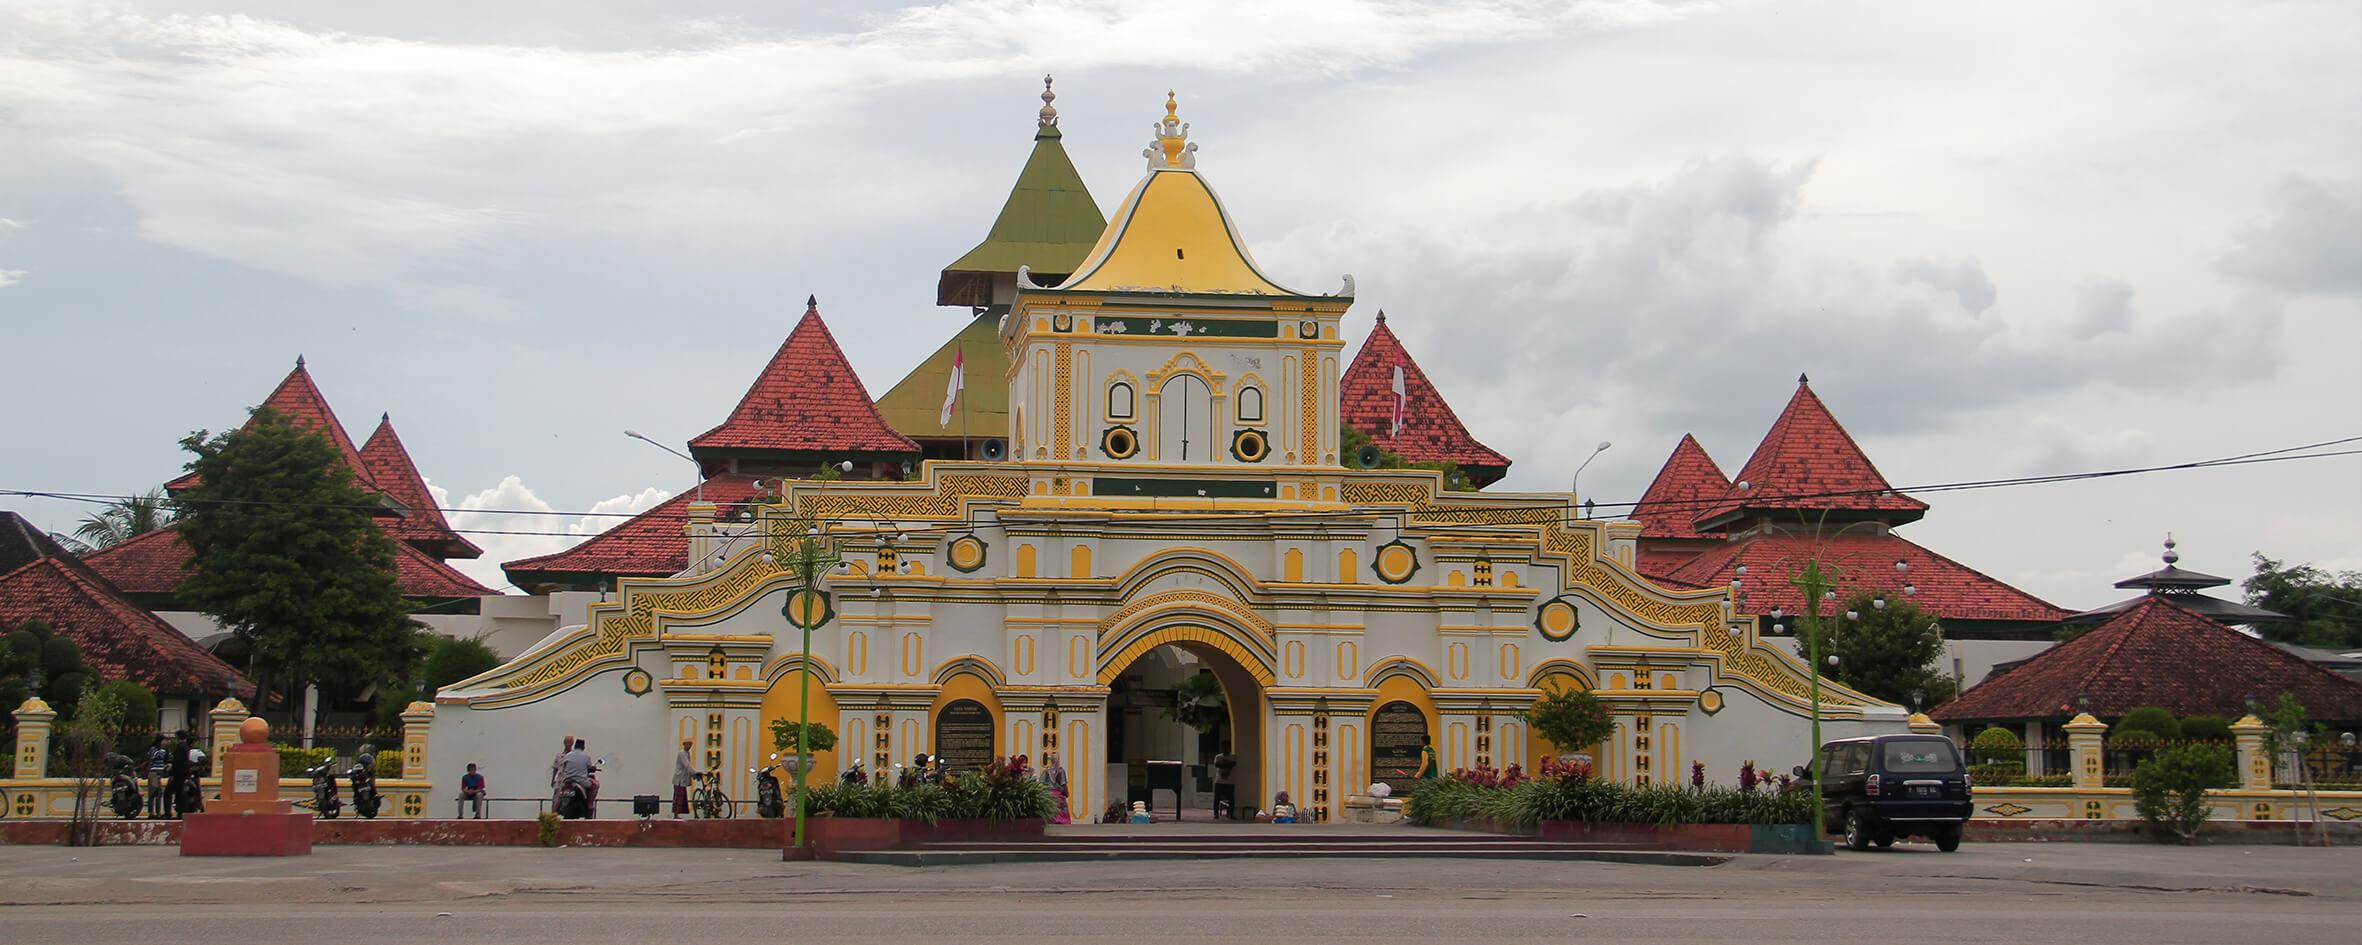 Explore Madura Klik Disini Menuju Lokasi Wisata Masjid Agung Jamik